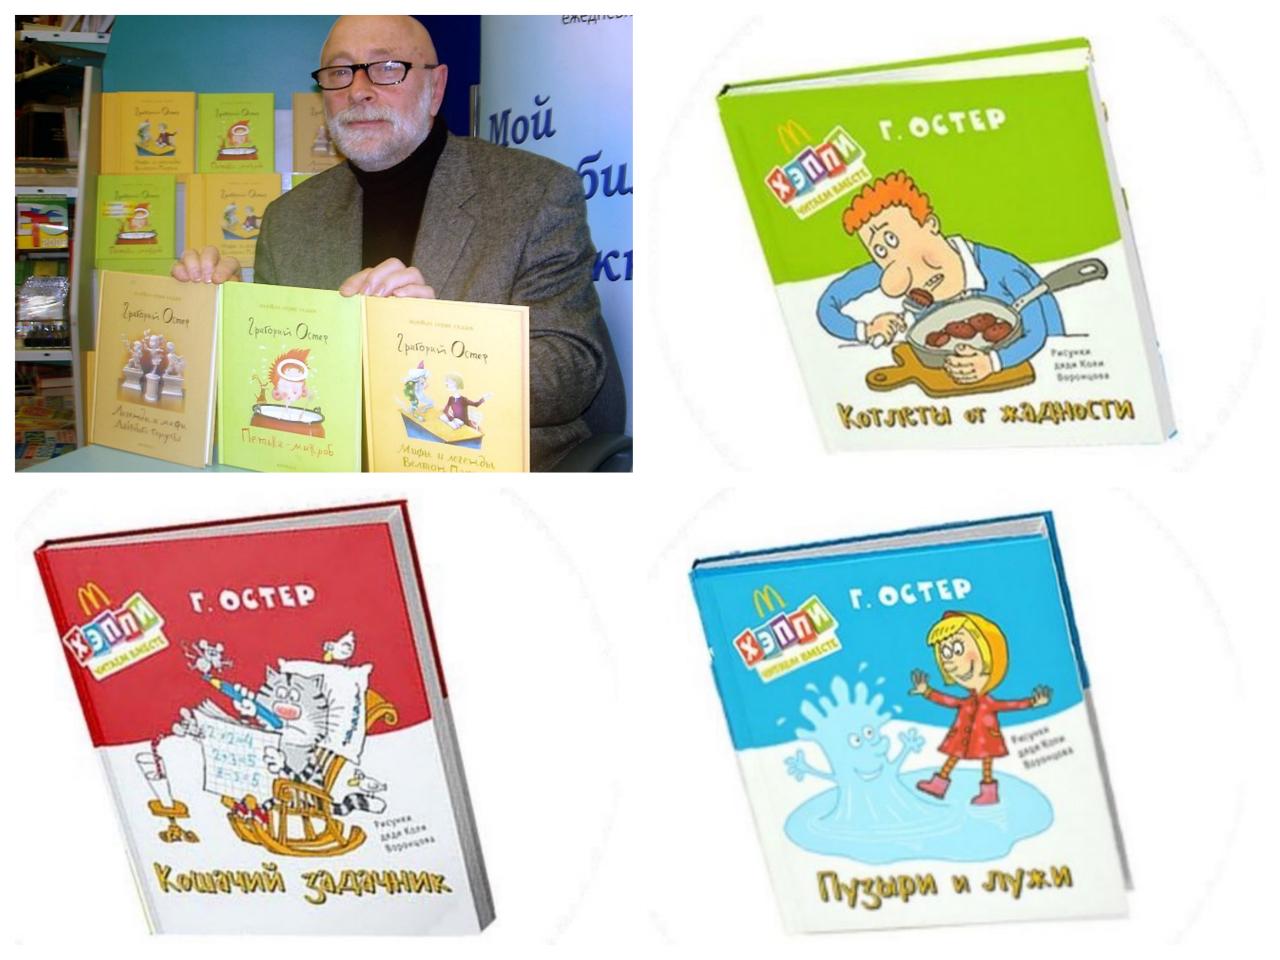 Григорий Остер и его книги в Макдональдс